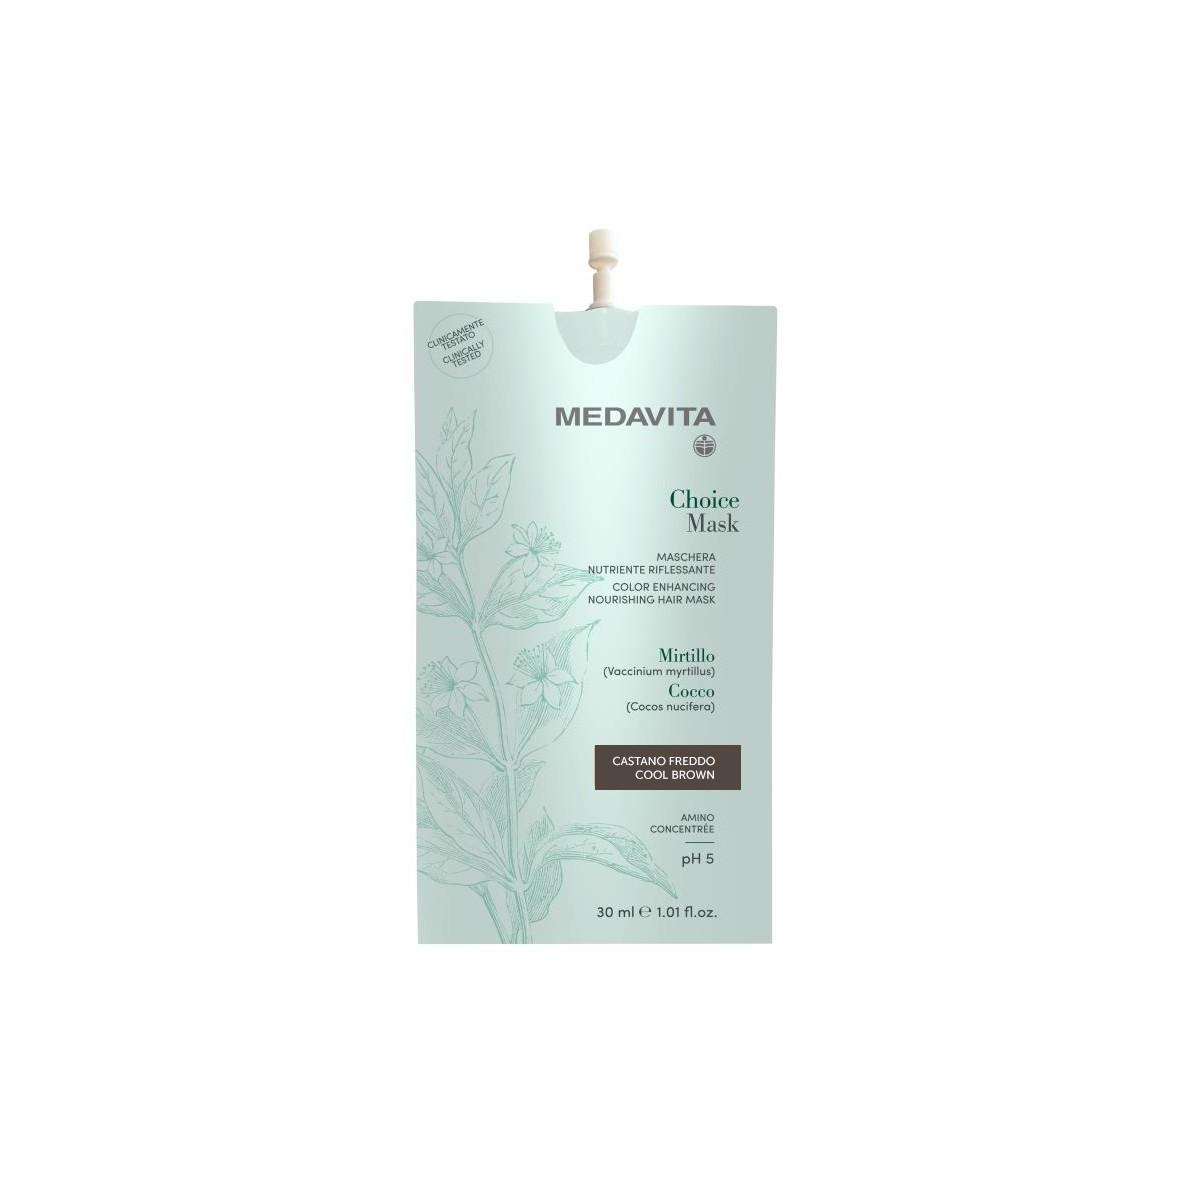 MEDAVITA Choice Mask Castano Freddo / Cool Brown 30ml - Maska do włosów koloryzująca, zmieniająca kolor Zimny Brąz